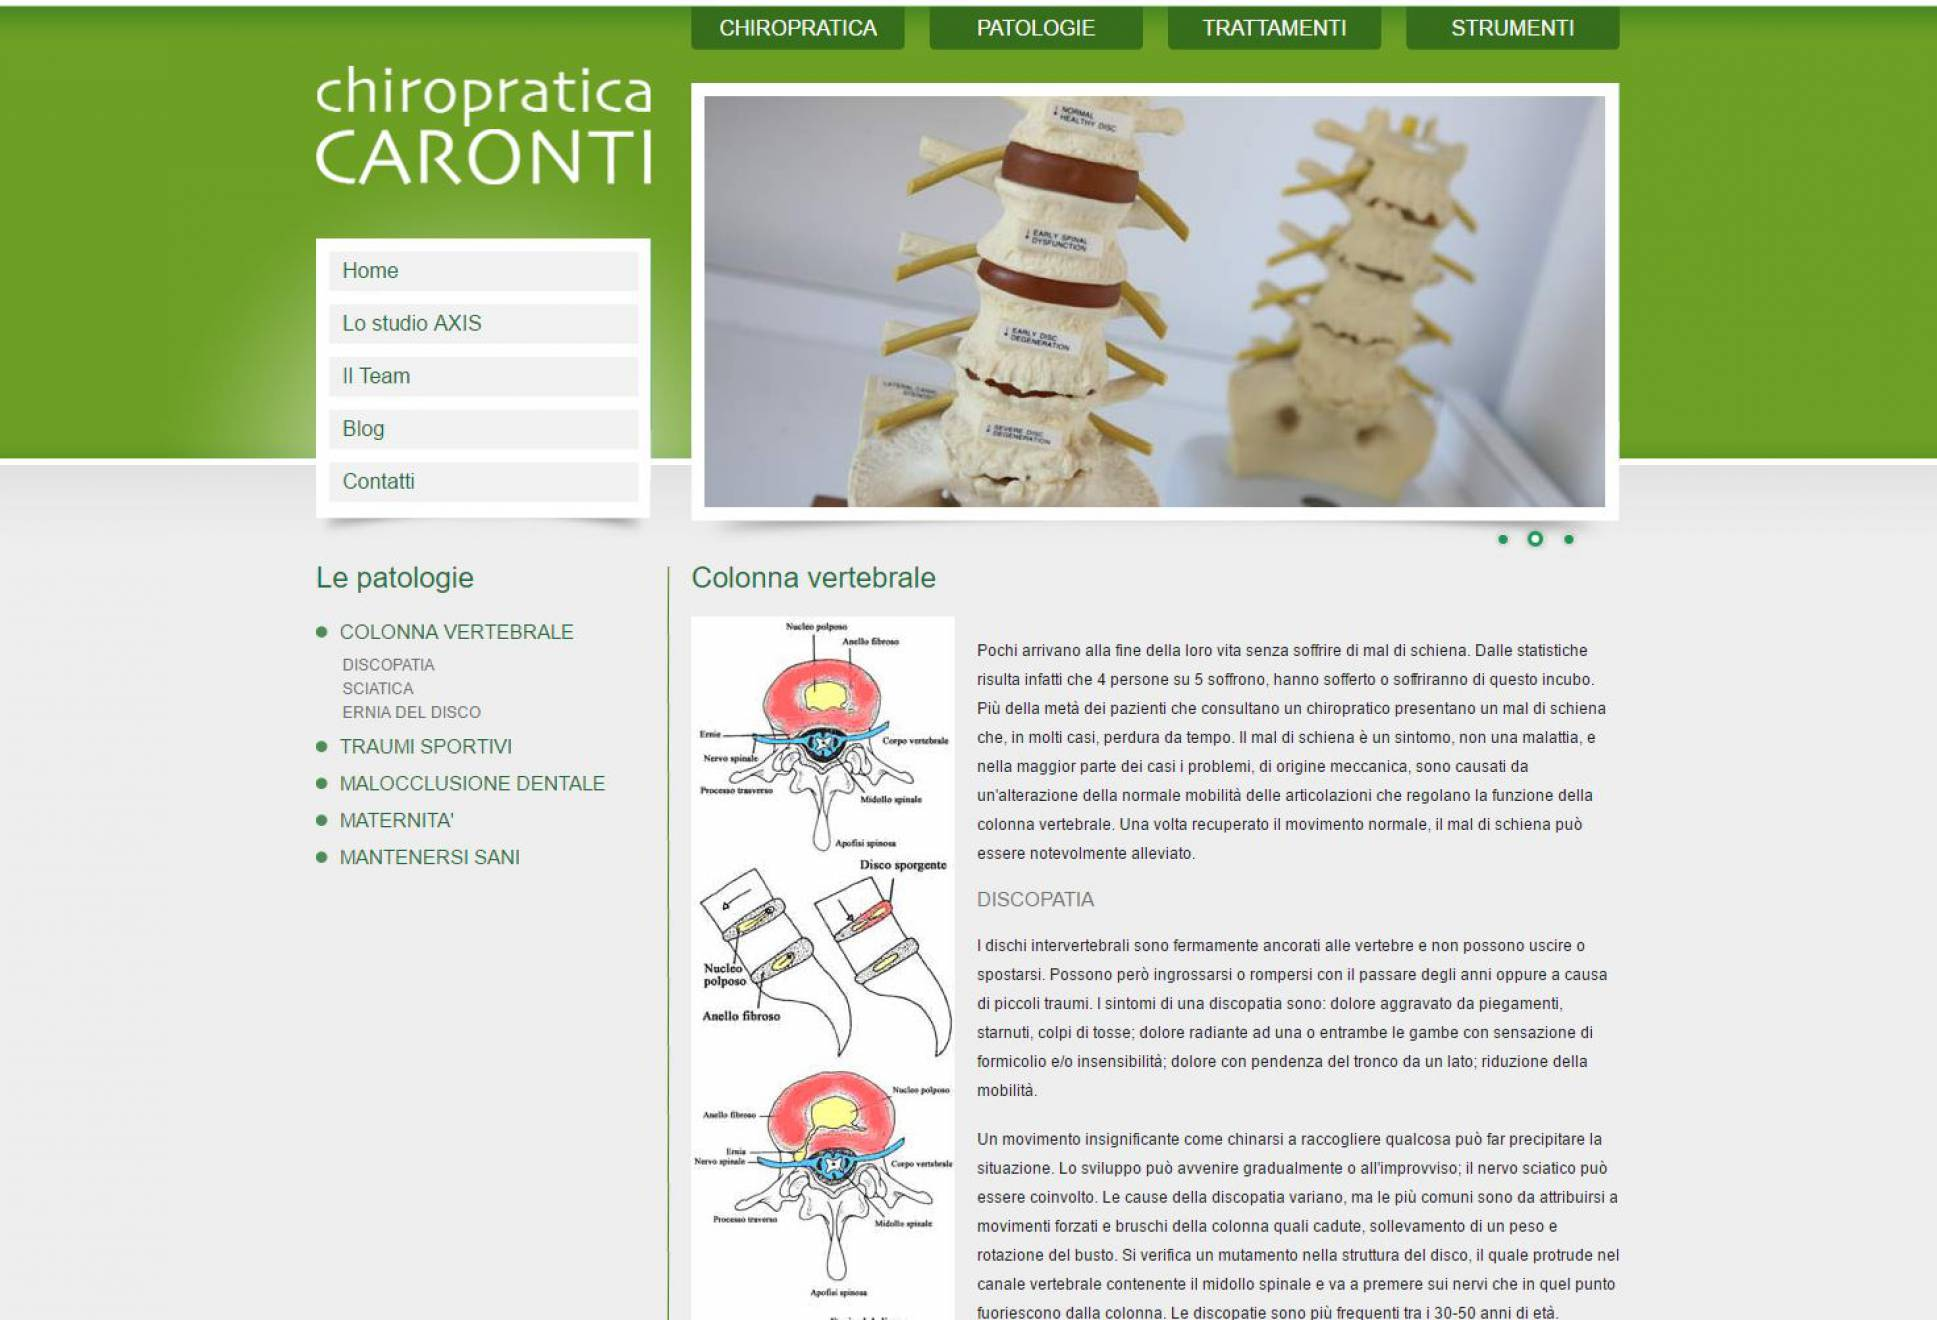 Sezione patologie sito internet Chiropratica Caronti